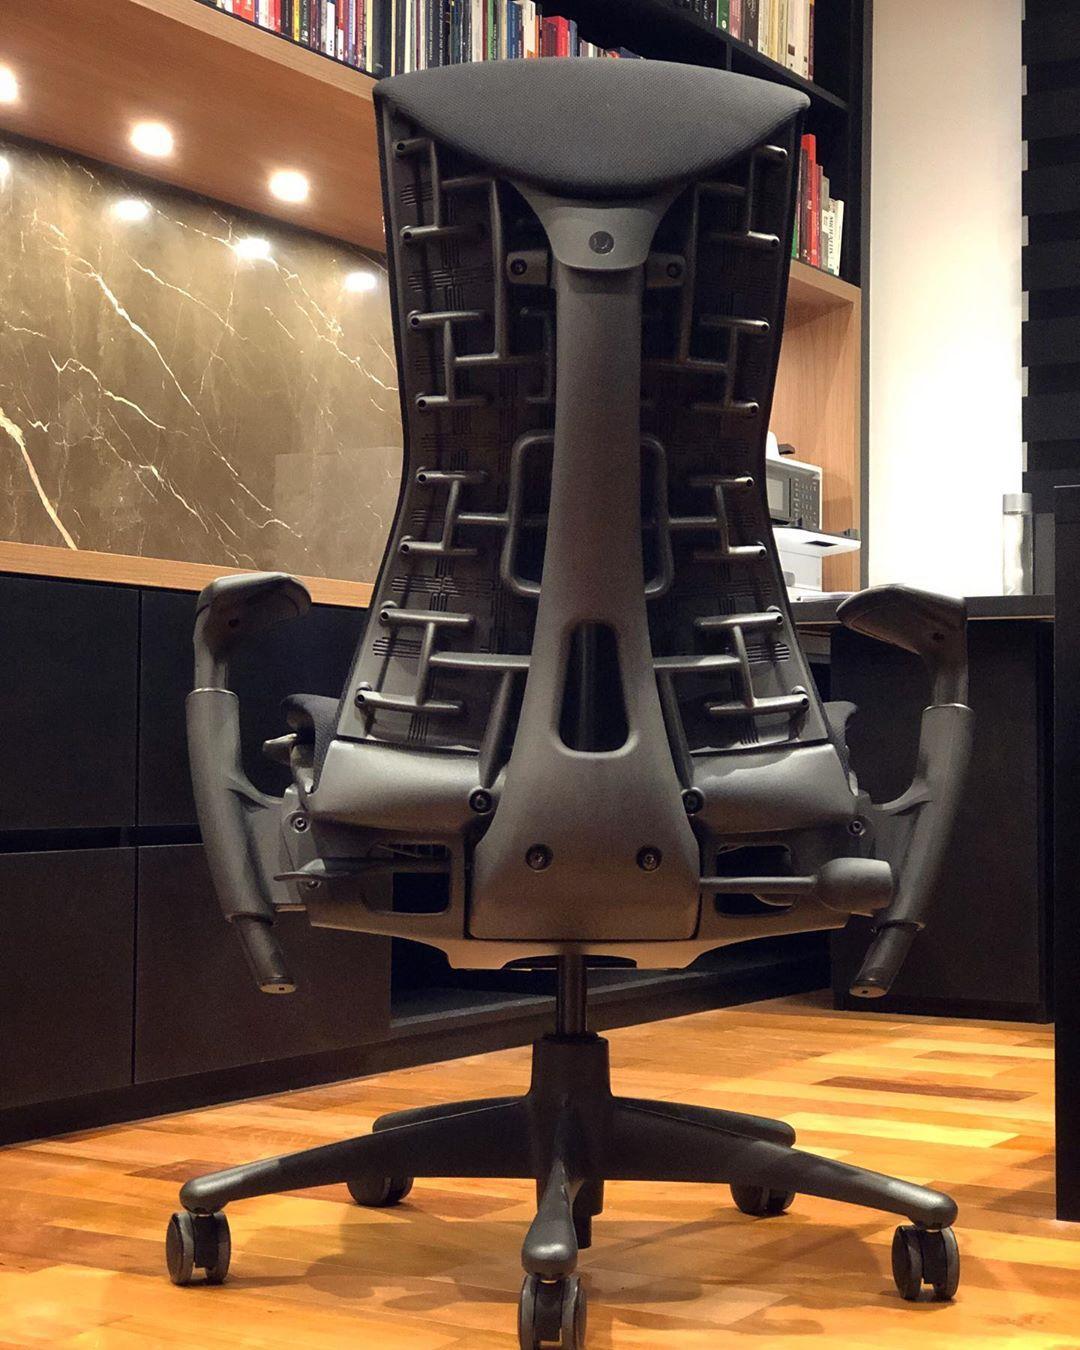 modelo de cadeira para escritório Embody